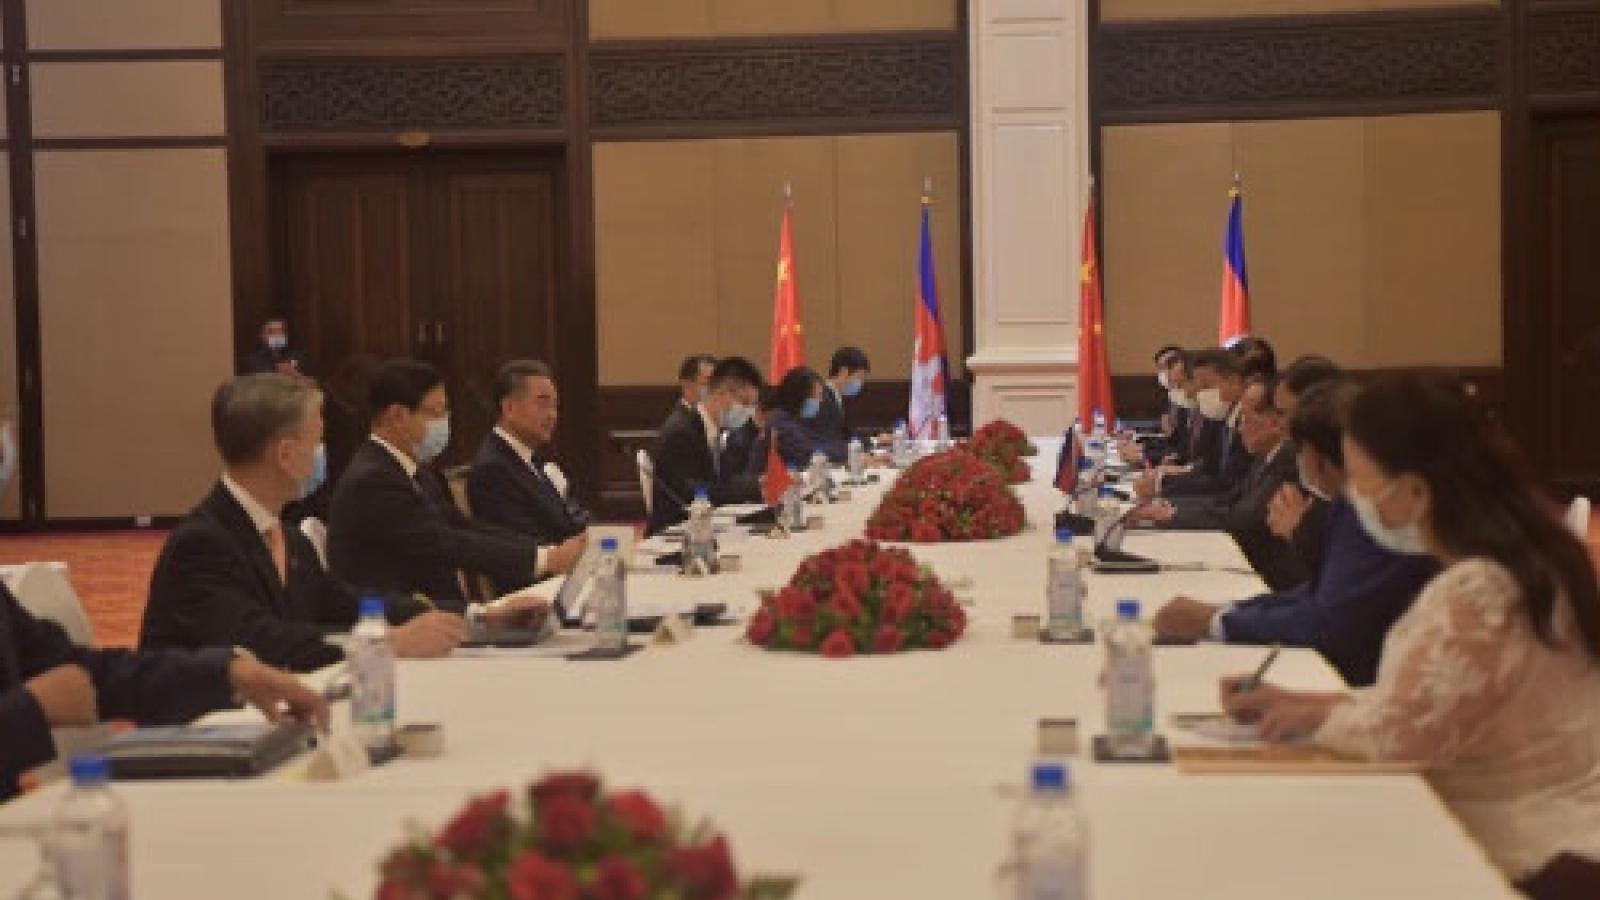 Trung Quốc sẽ ưu tiên cung cấp vaccine ngừa Covid-19 cho Campuchia